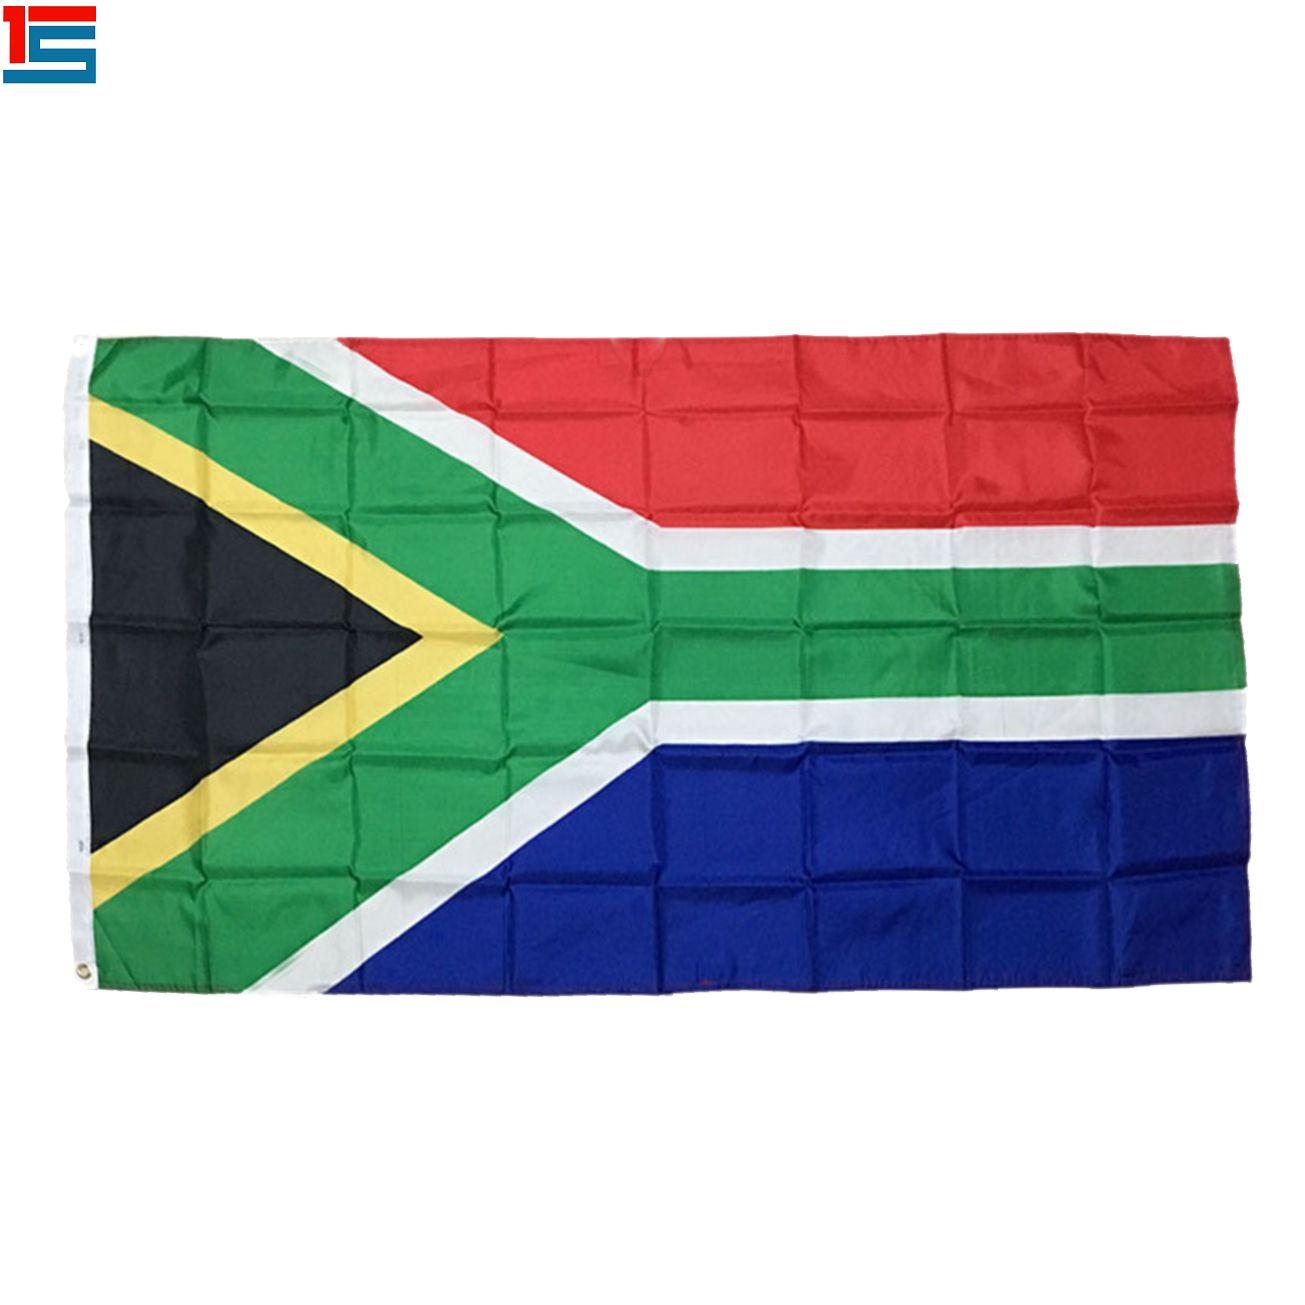 Dijital baskı Güney Afrika Bayrağı 90 x 150 cm İki grommets ile Polyester Ulusal Ülke Bayrağı Afiş